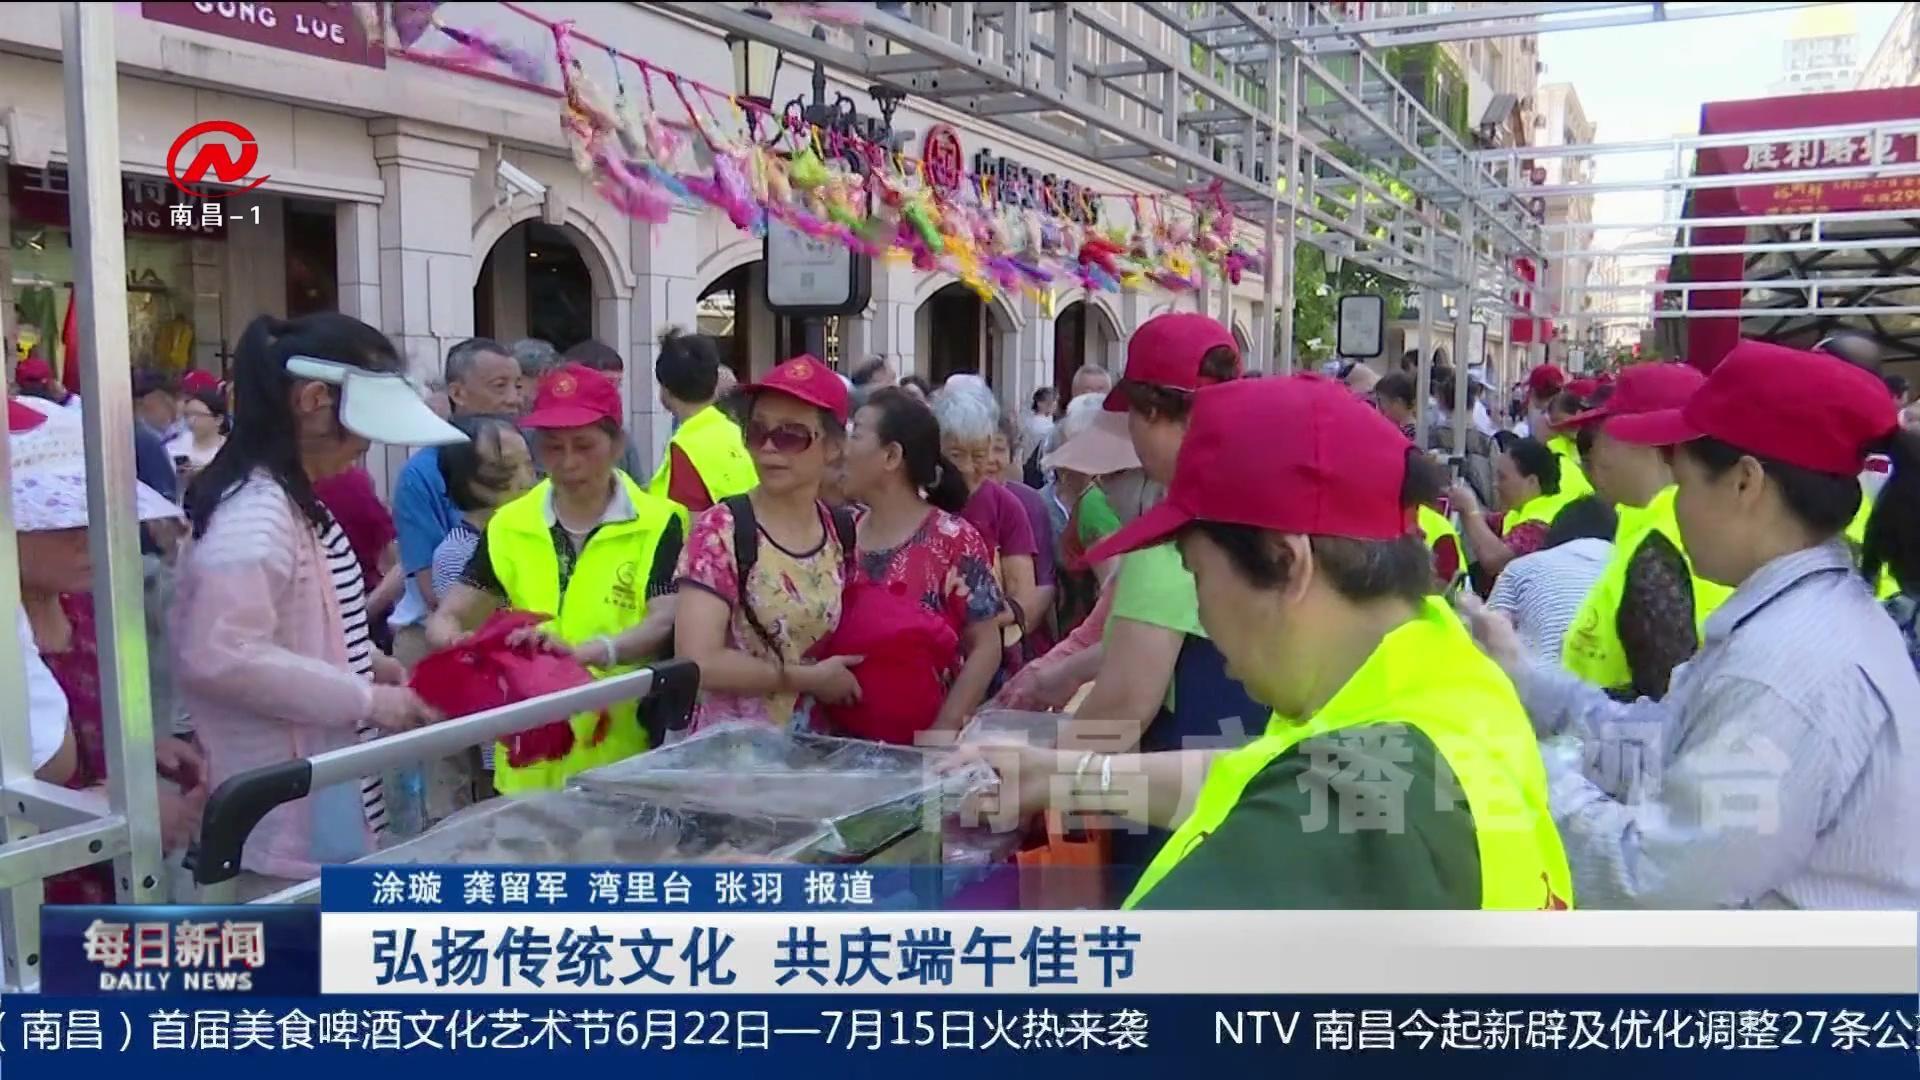 弘扬传统文化 共庆端午佳节